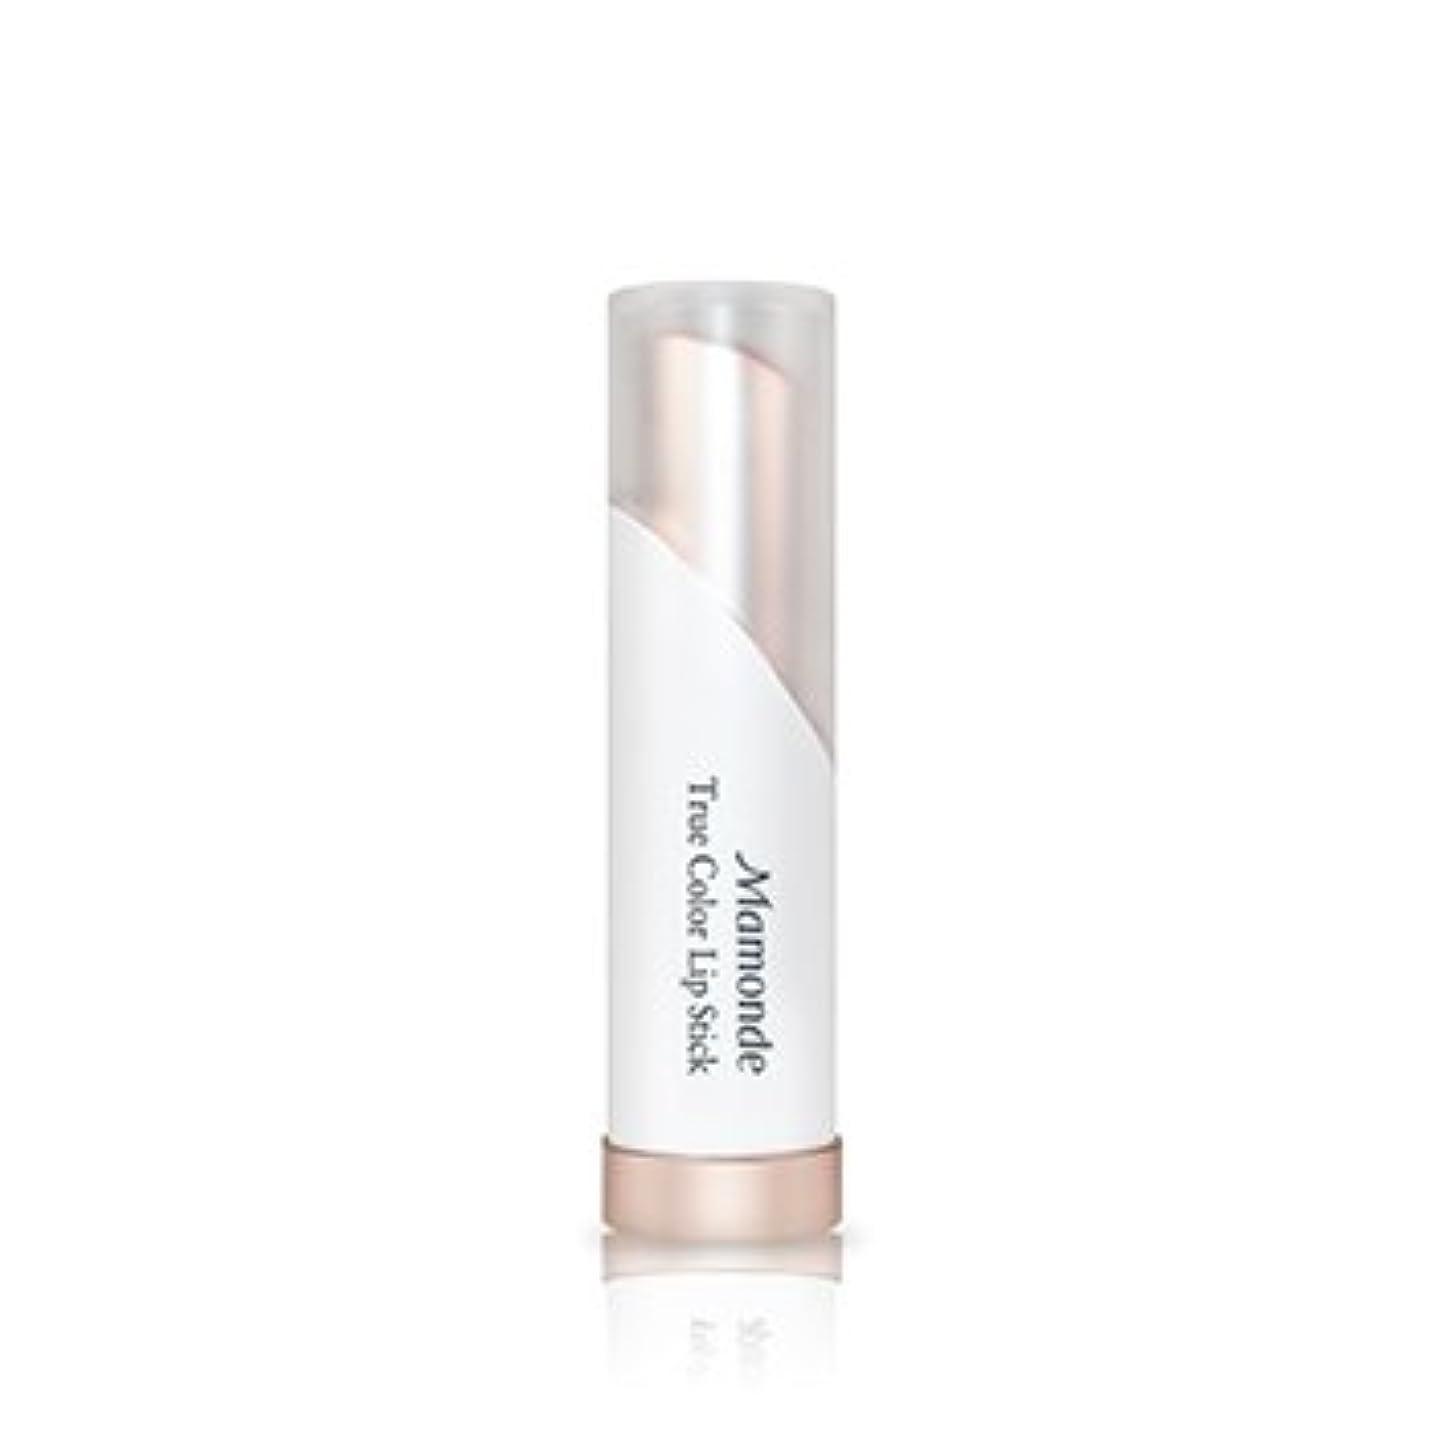 おとなしいポンペイ上流の[New] Mamonde True Color Lip Stick 3.5g/マモンド トゥルー カラー リップスティック 3.5g (#10 Happy Orange) [並行輸入品]